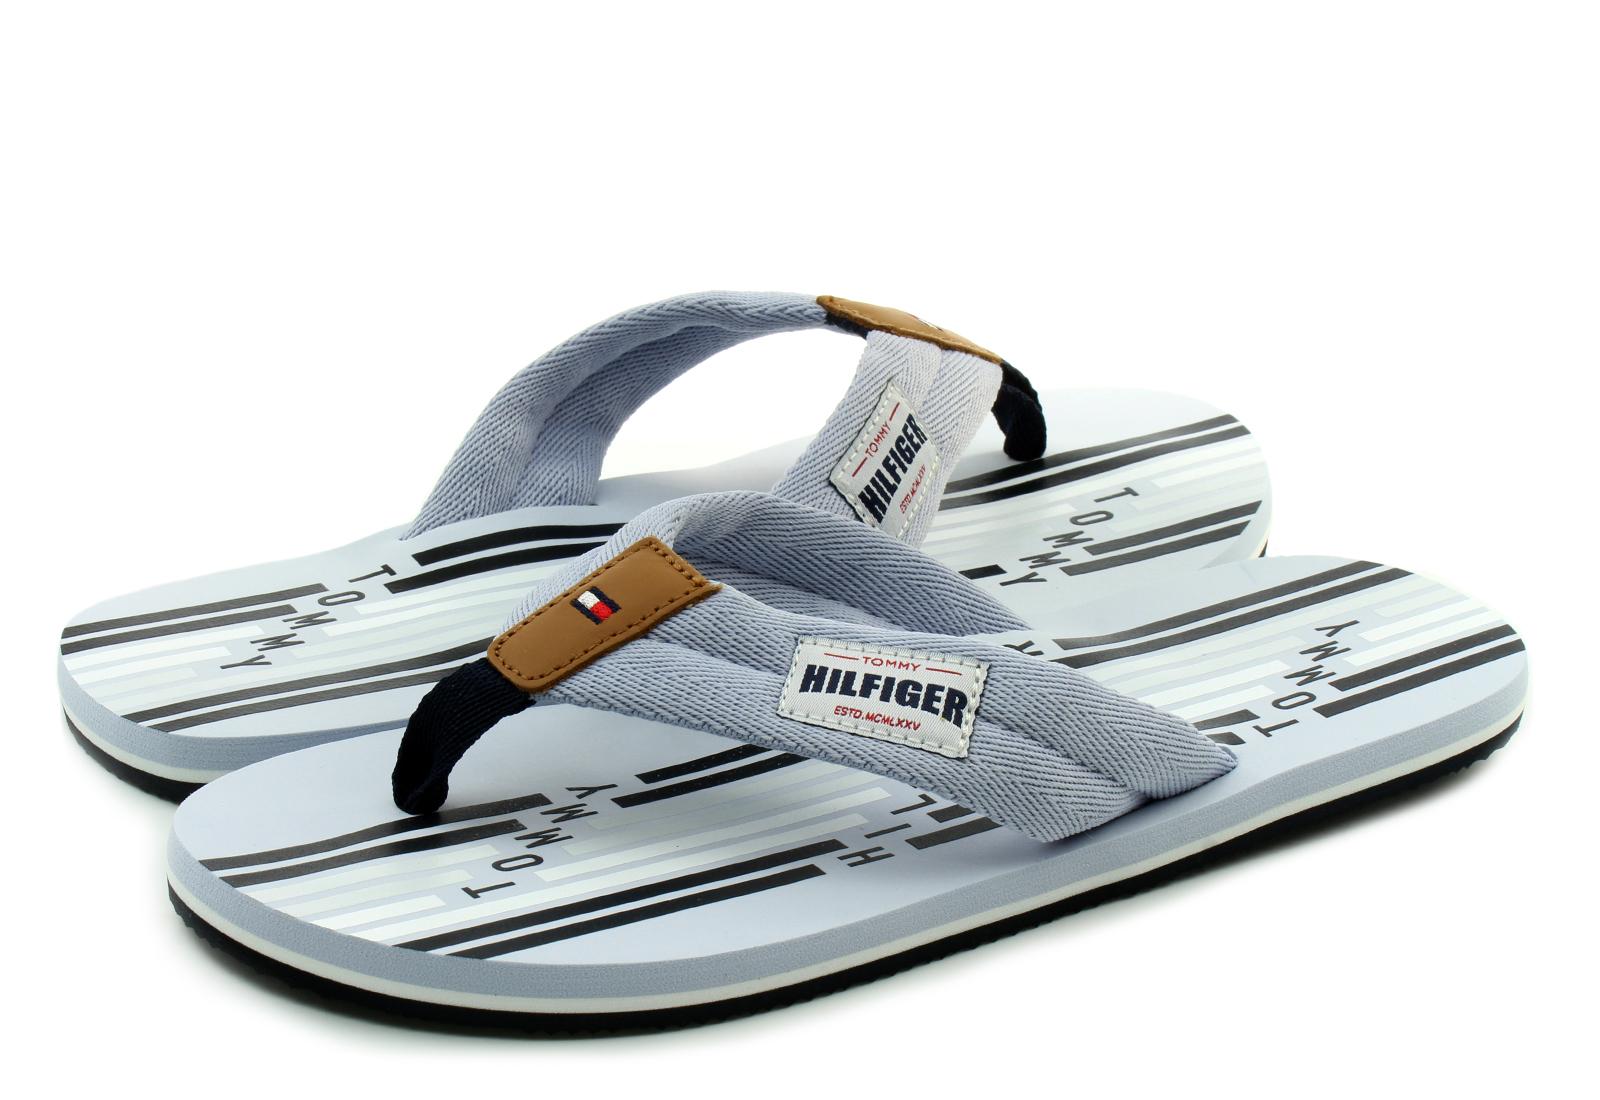 094385d1e8 Tommy Hilfiger Papucs - Floyd 28d - 18R-1609-425 - Office Shoes ...